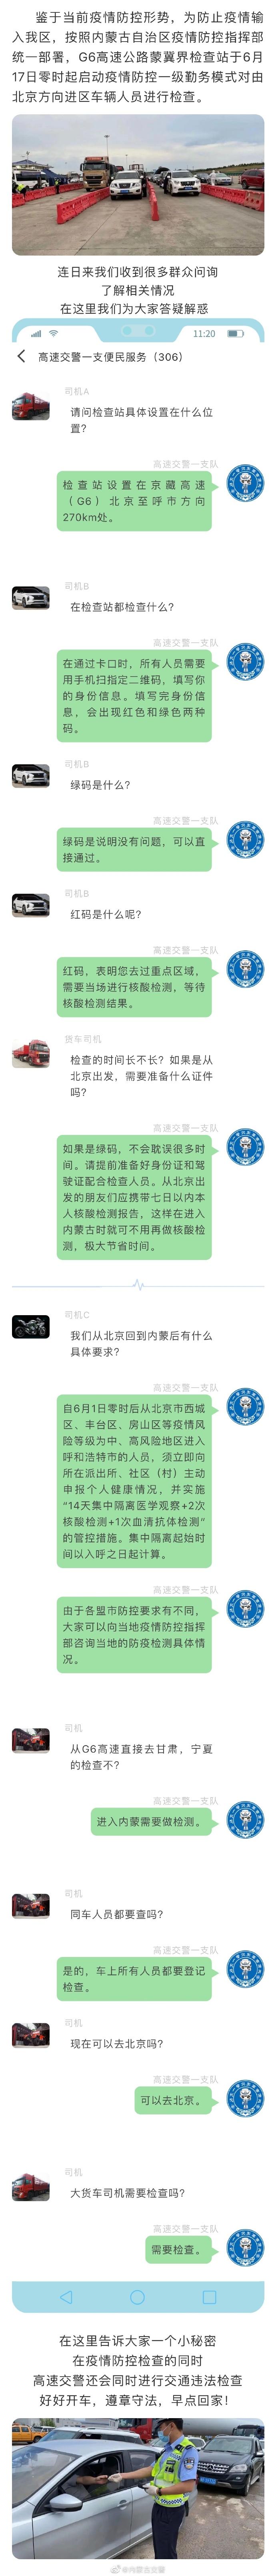 http://www.lzhmzz.com/dushujiaoyu/111072.html